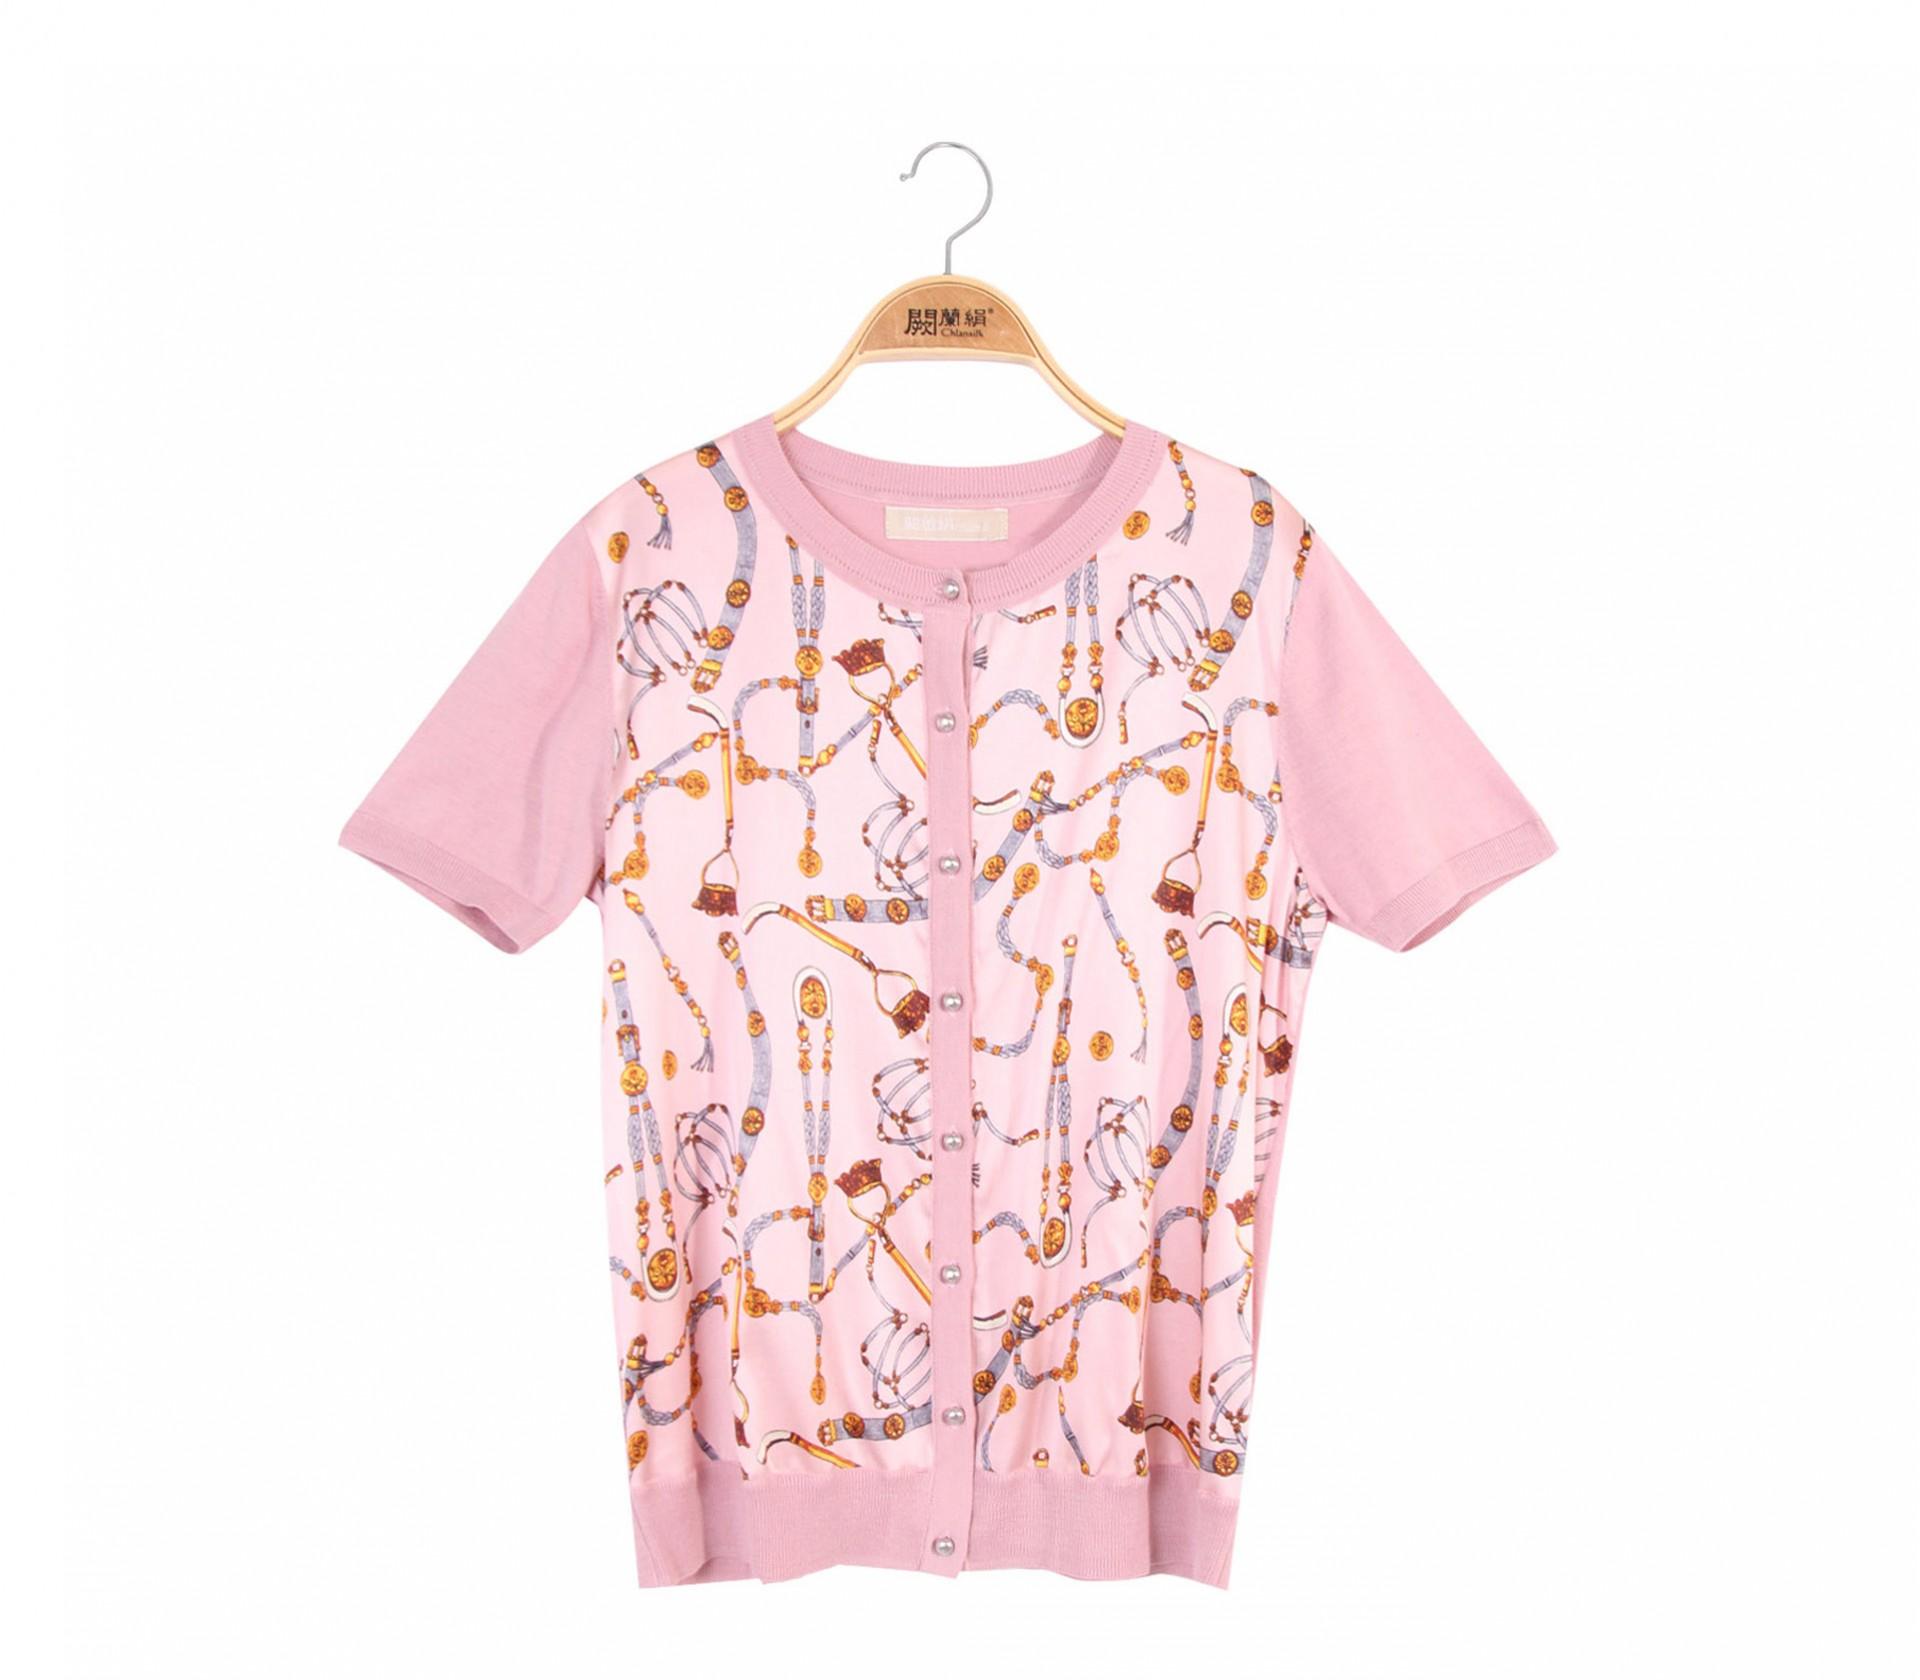 拼接滑布鎖鏈蠶絲針織外套 - 粉色 - 6003